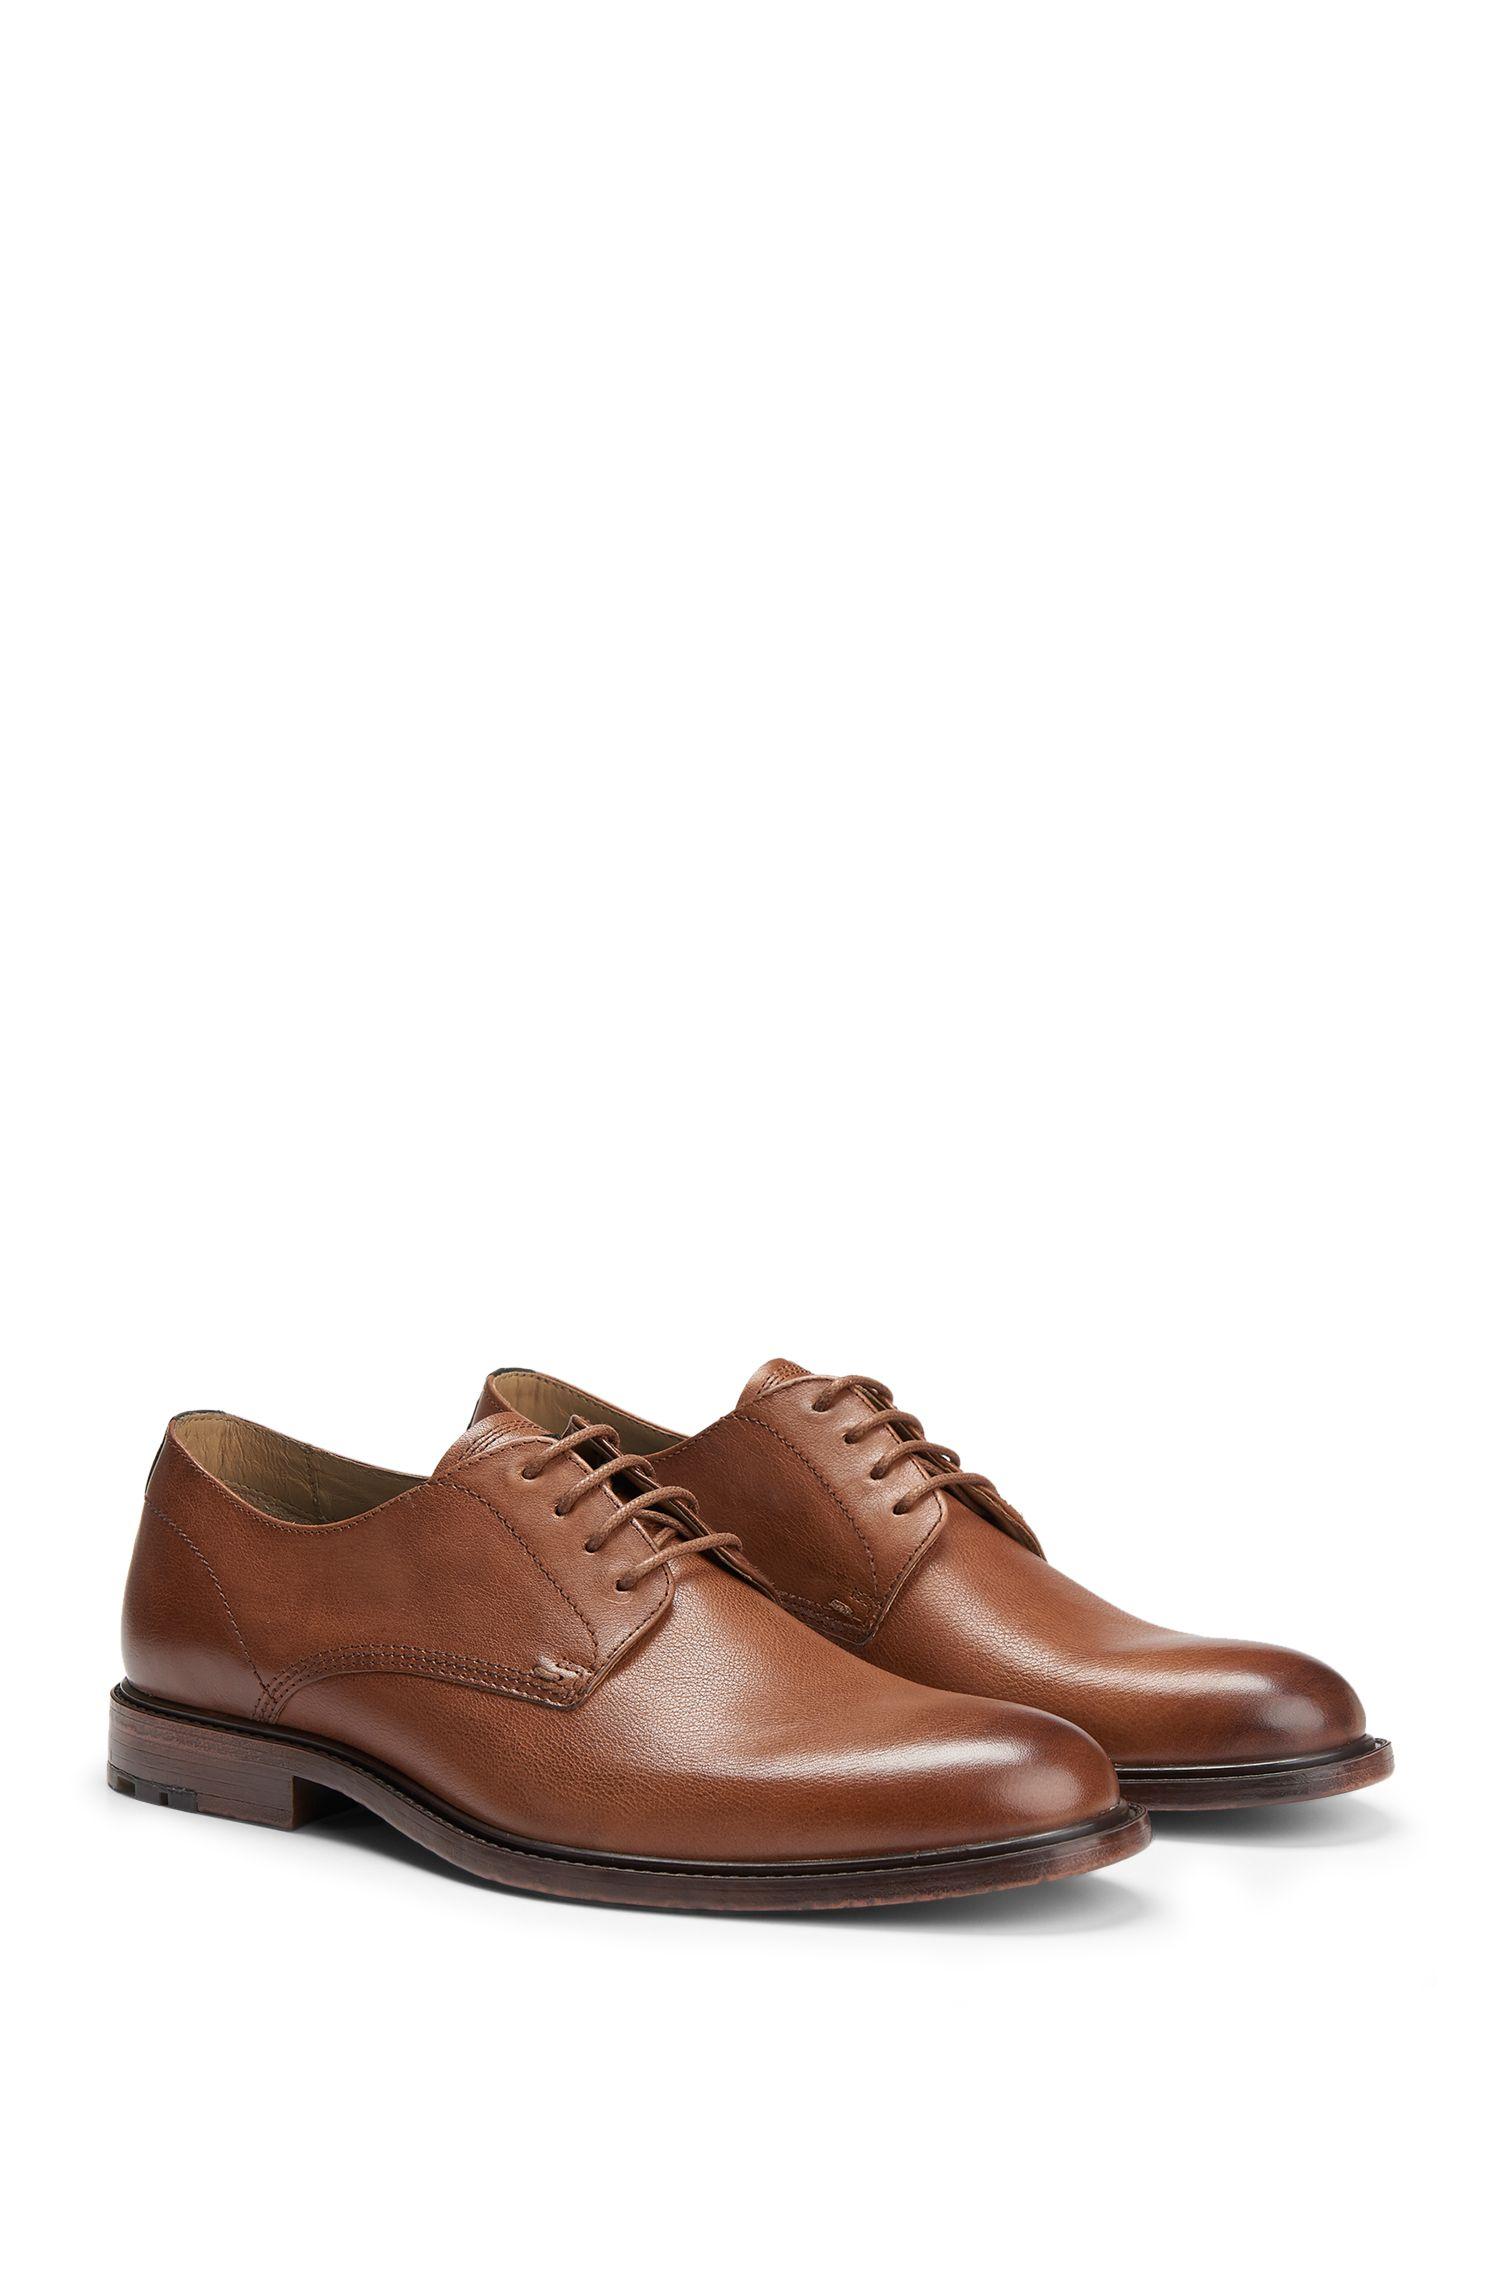 Leather Derby Dress Shoe | Cultroot Derb ltws